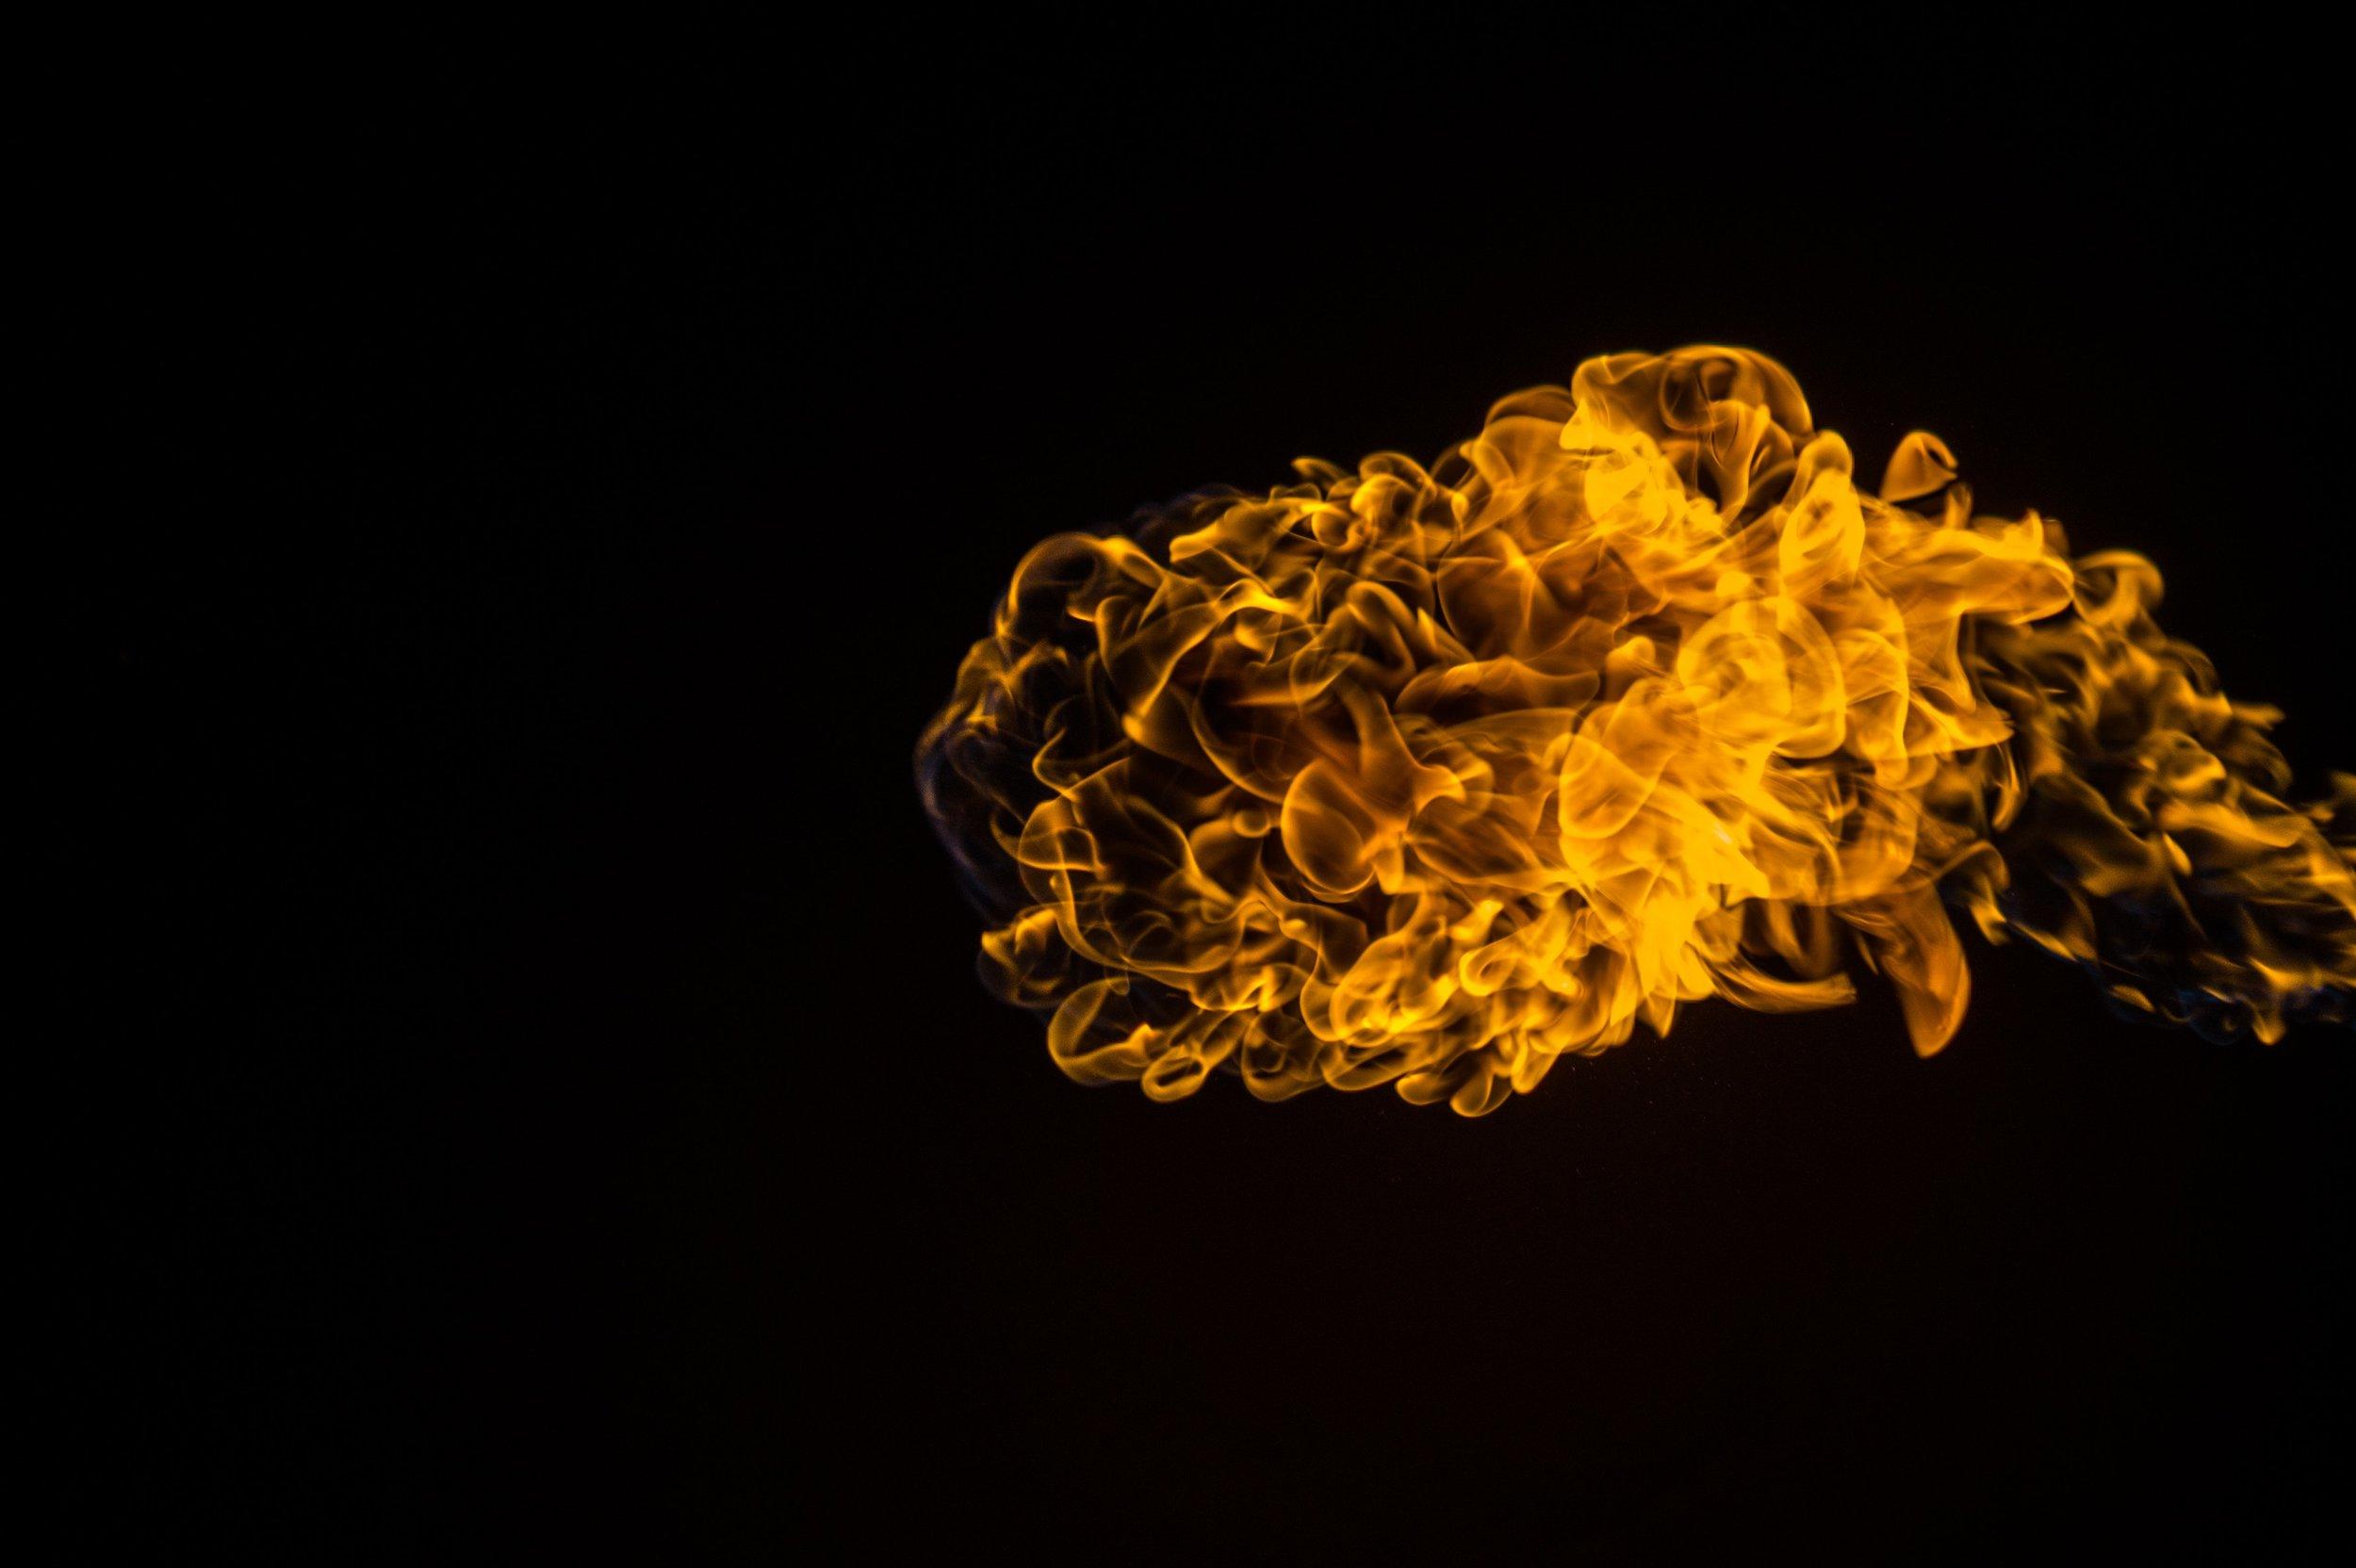 fire-flame-heat-9270.jpg